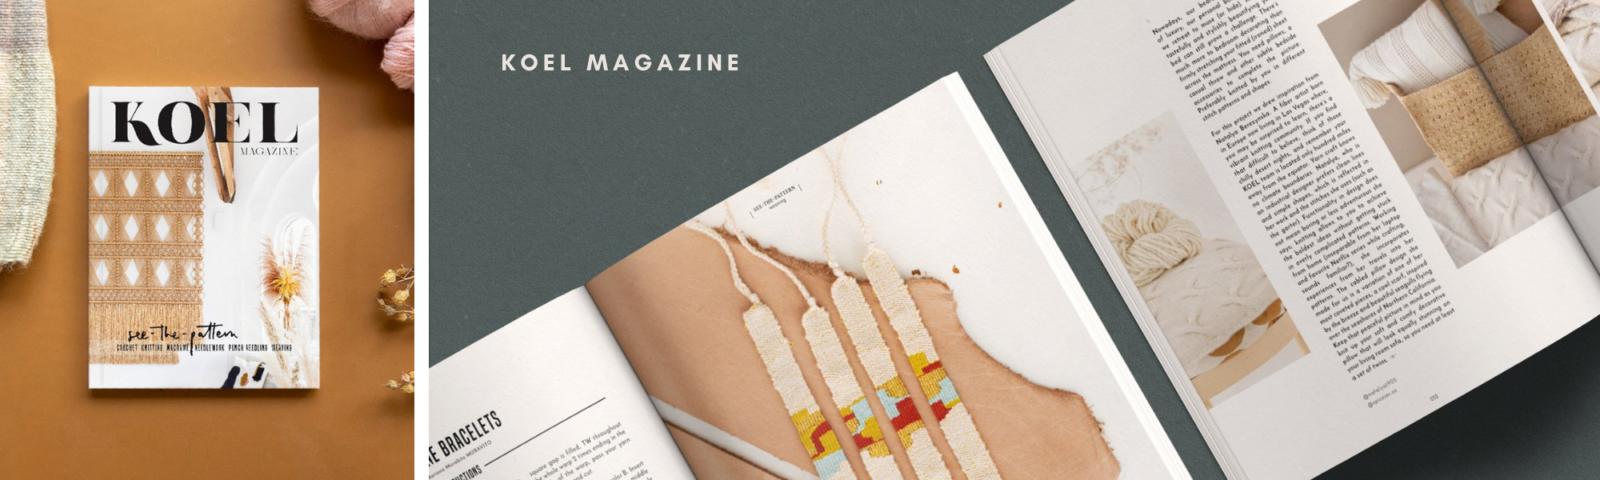 koel magazine online kopen huiszwaluw home